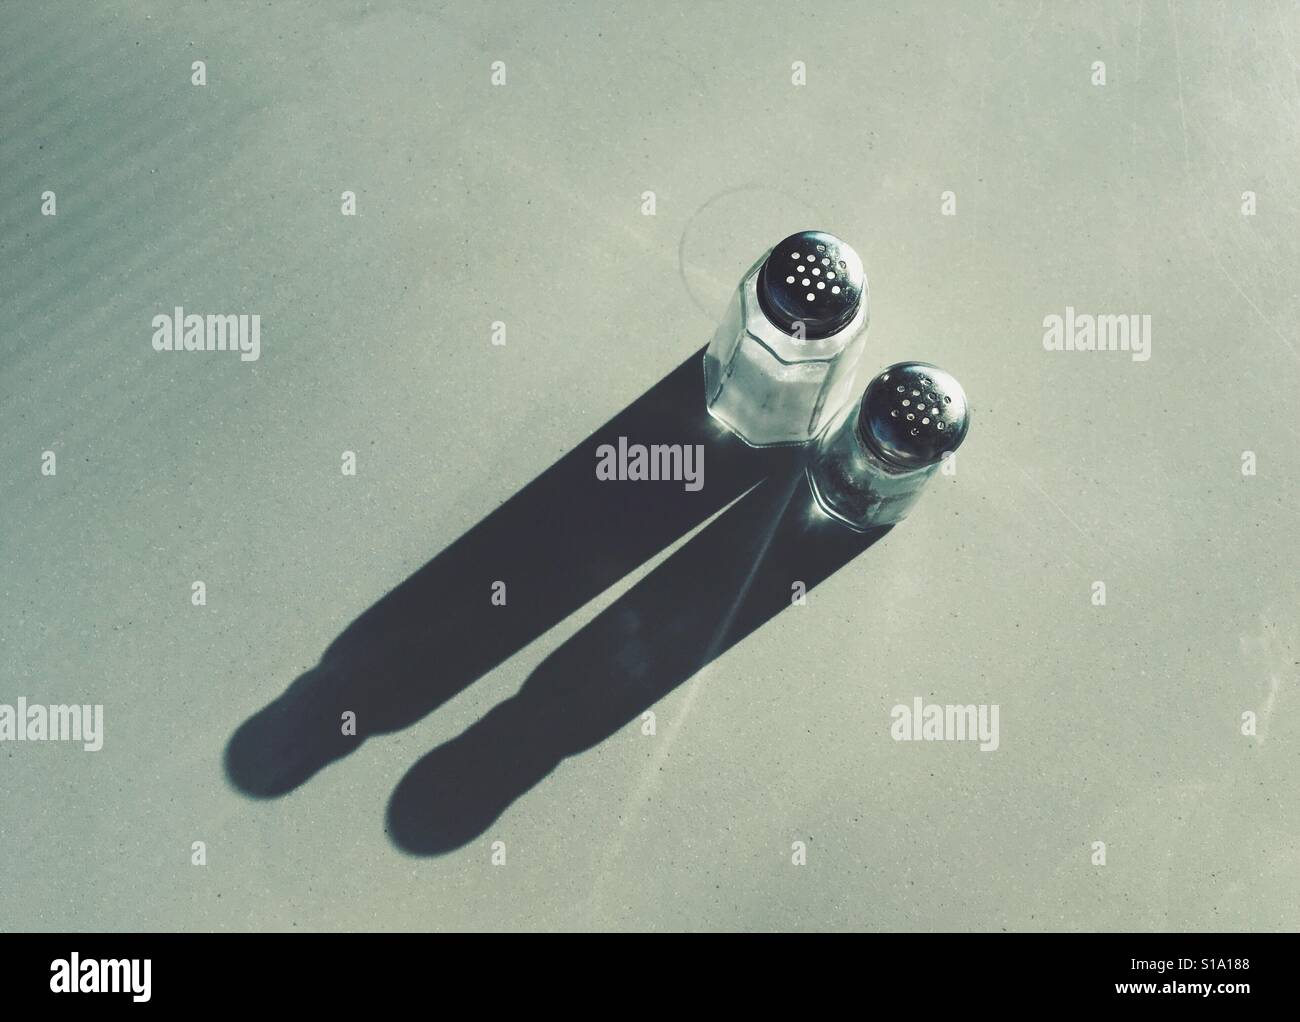 Un alto ángulo de visualización de salero y pimentero que generan largas sombras sobre una mesa Foto de stock